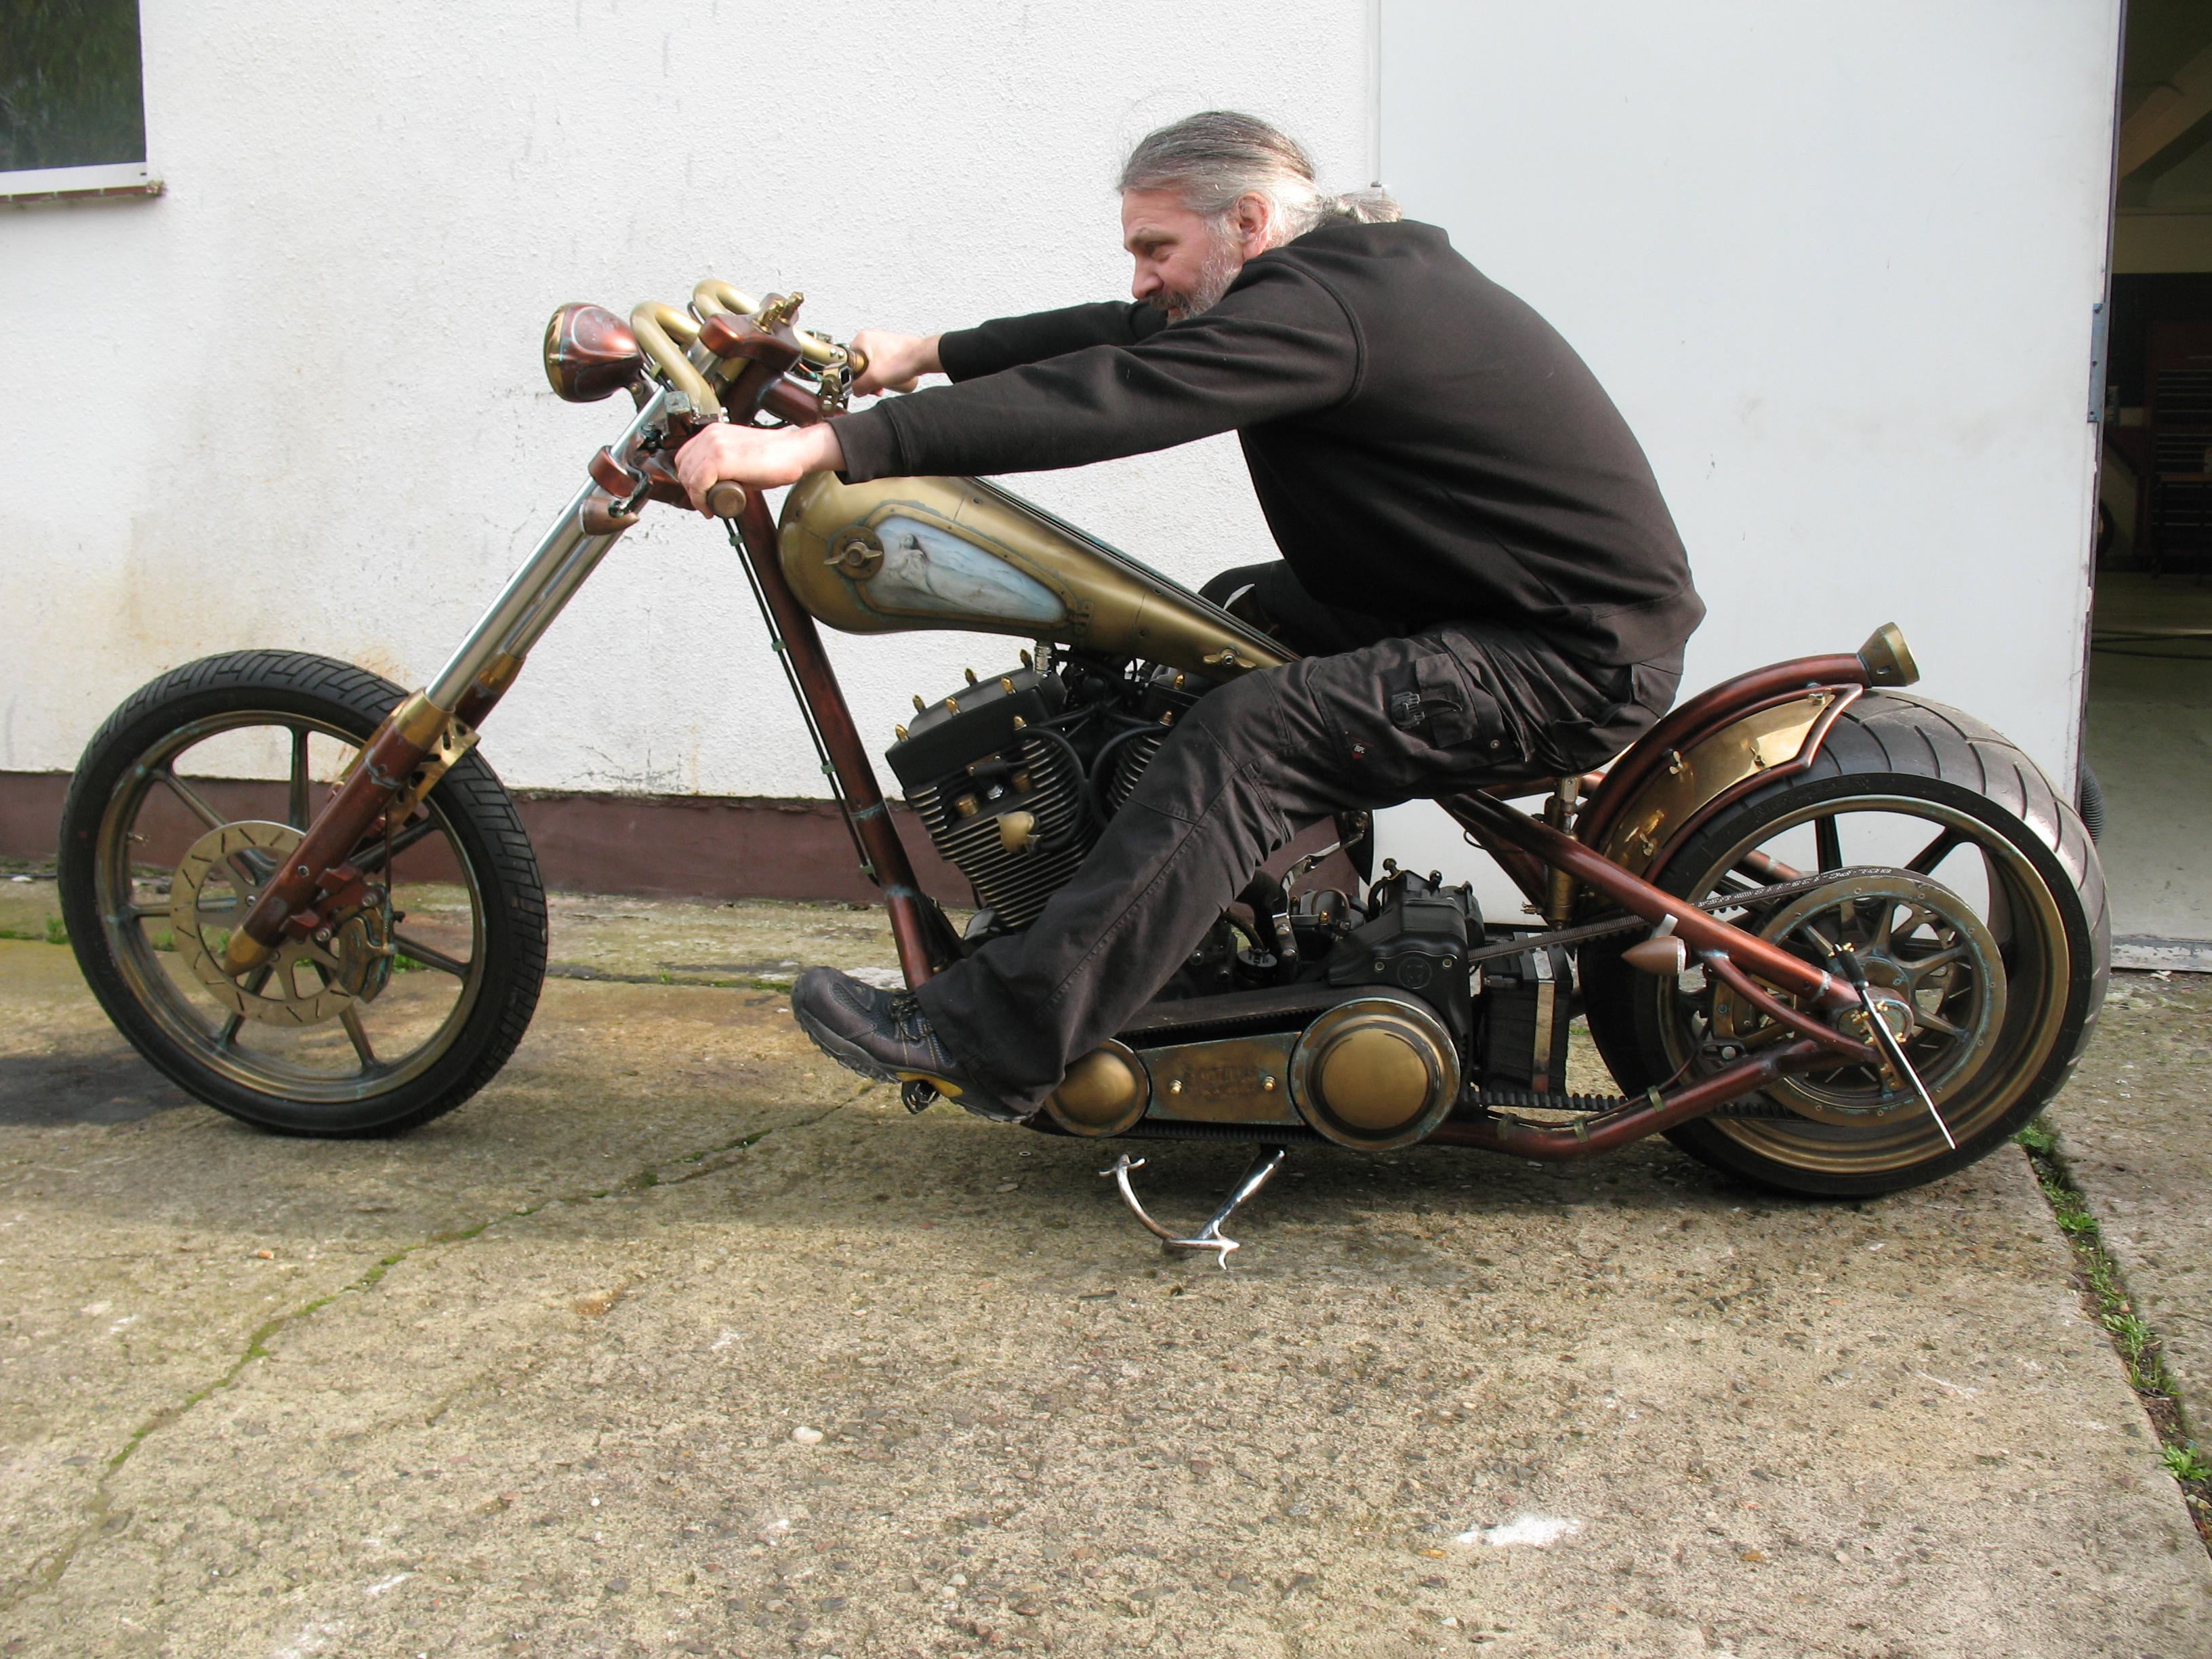 nautilus v2 motorcycles blog harley davidson werkstatt. Black Bedroom Furniture Sets. Home Design Ideas